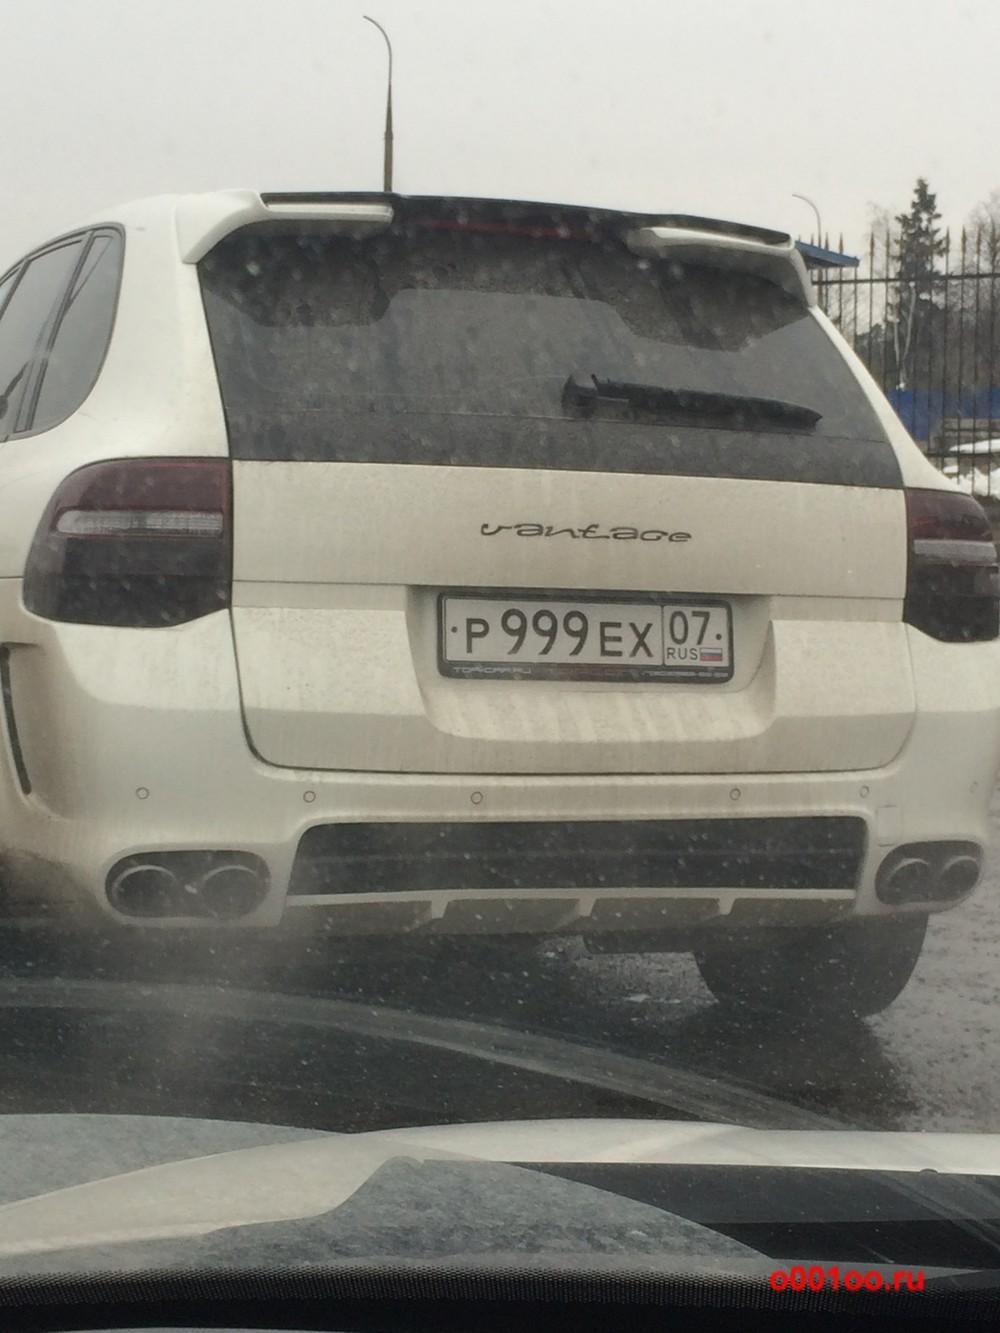 р999ех07